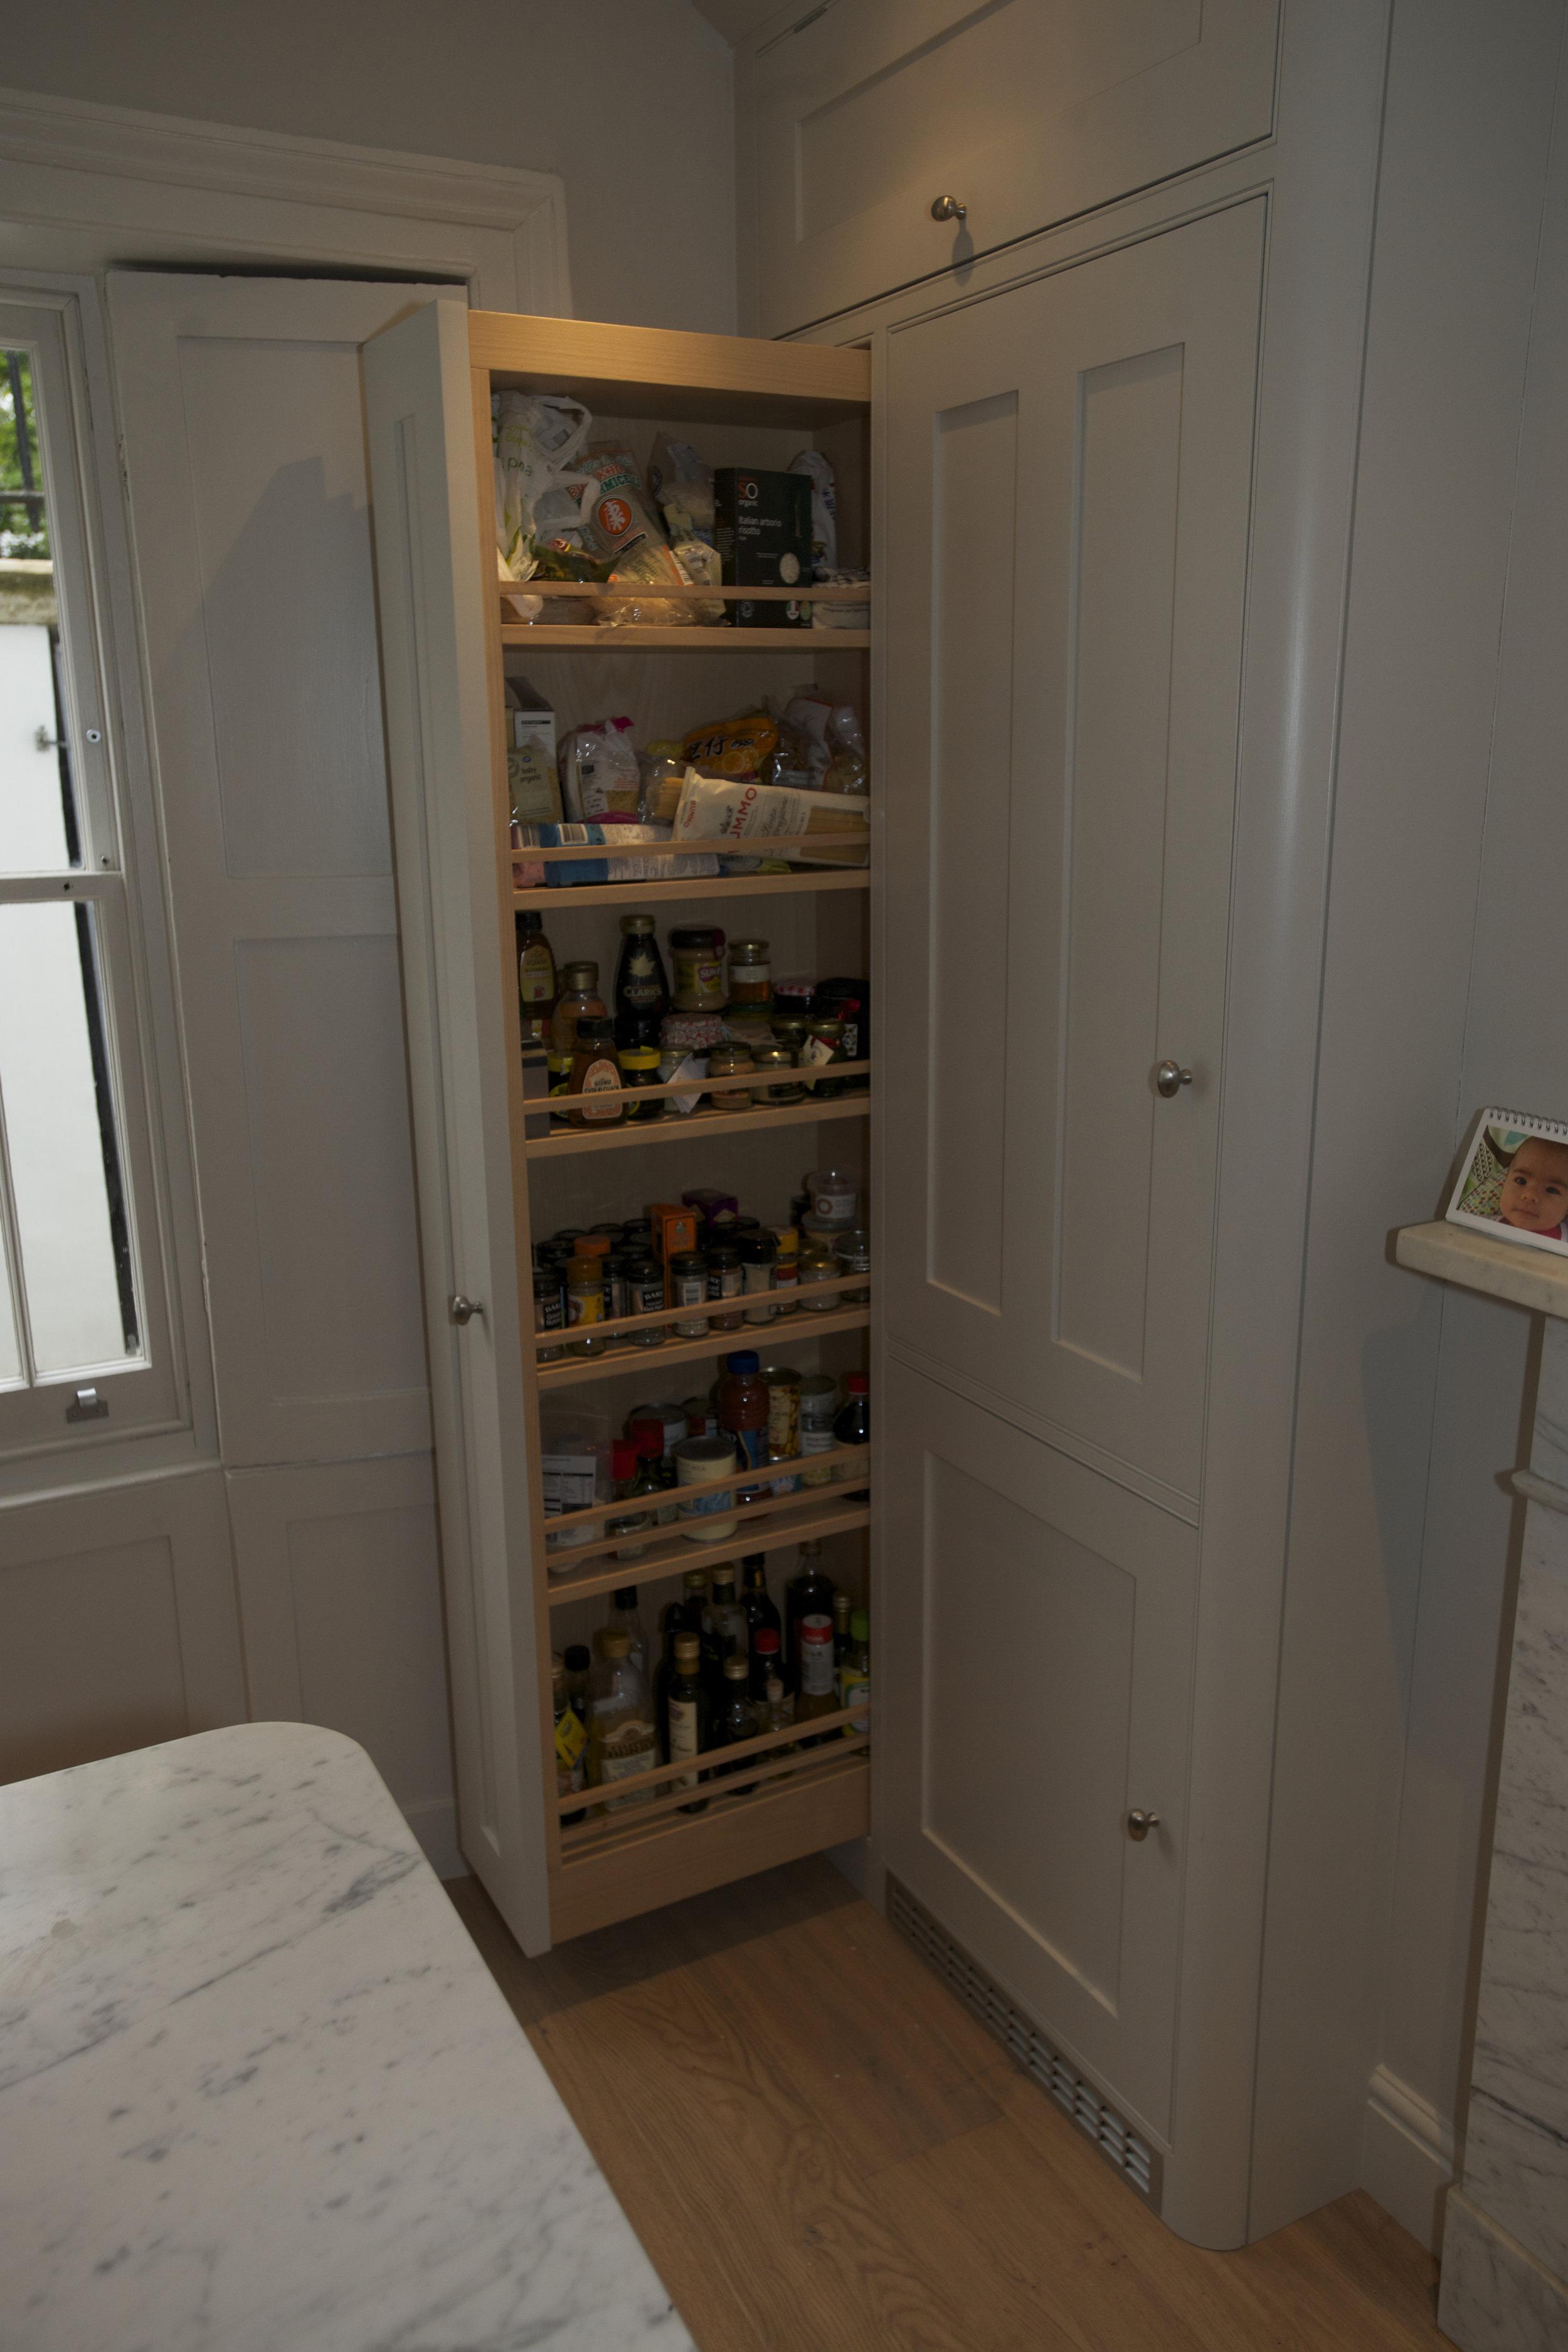 Pull out oak spice racks sit alongside the in built fridge freezer